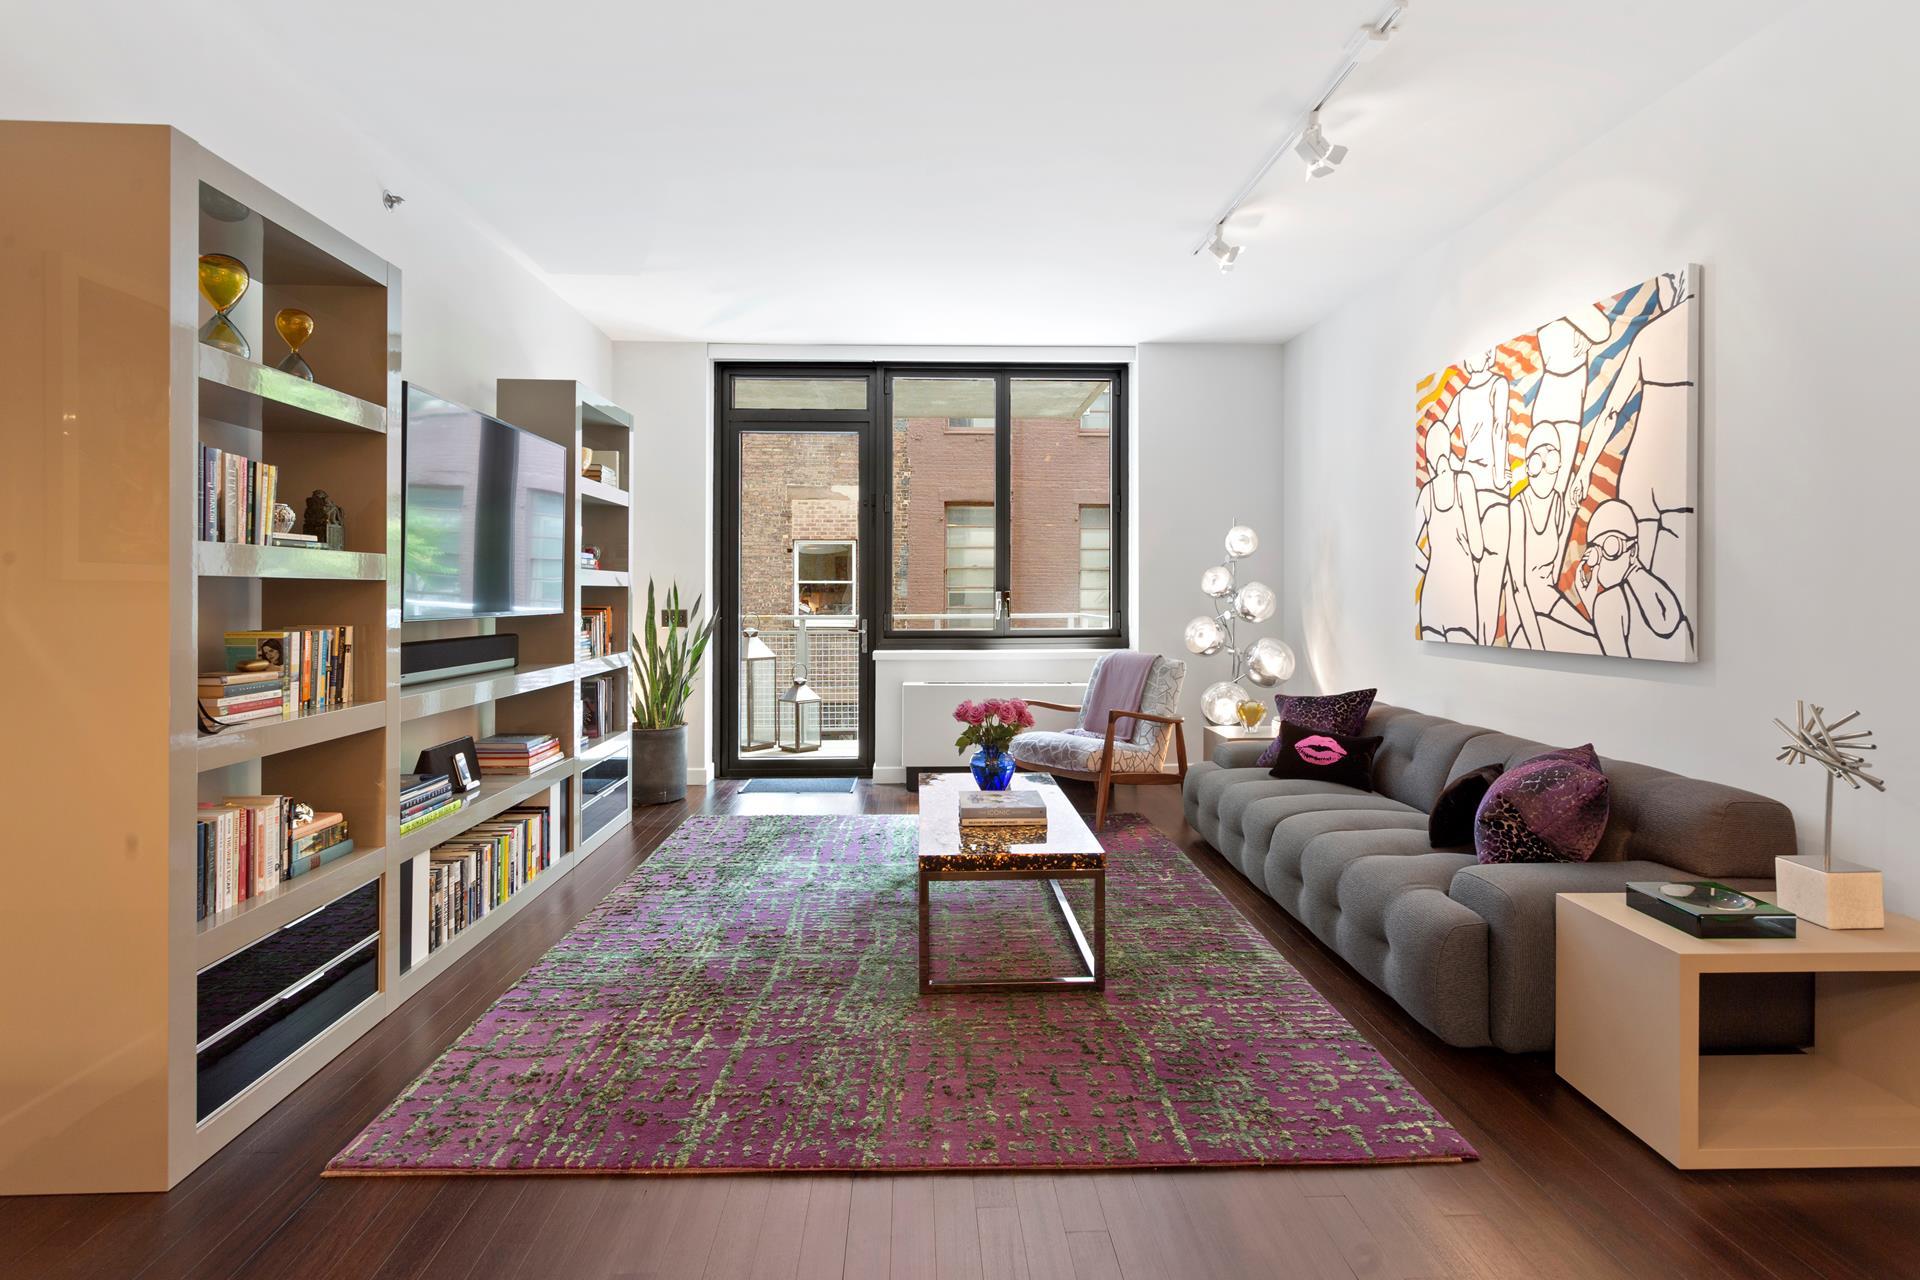 50 West 15th St, 4D - Flatiron District, New York